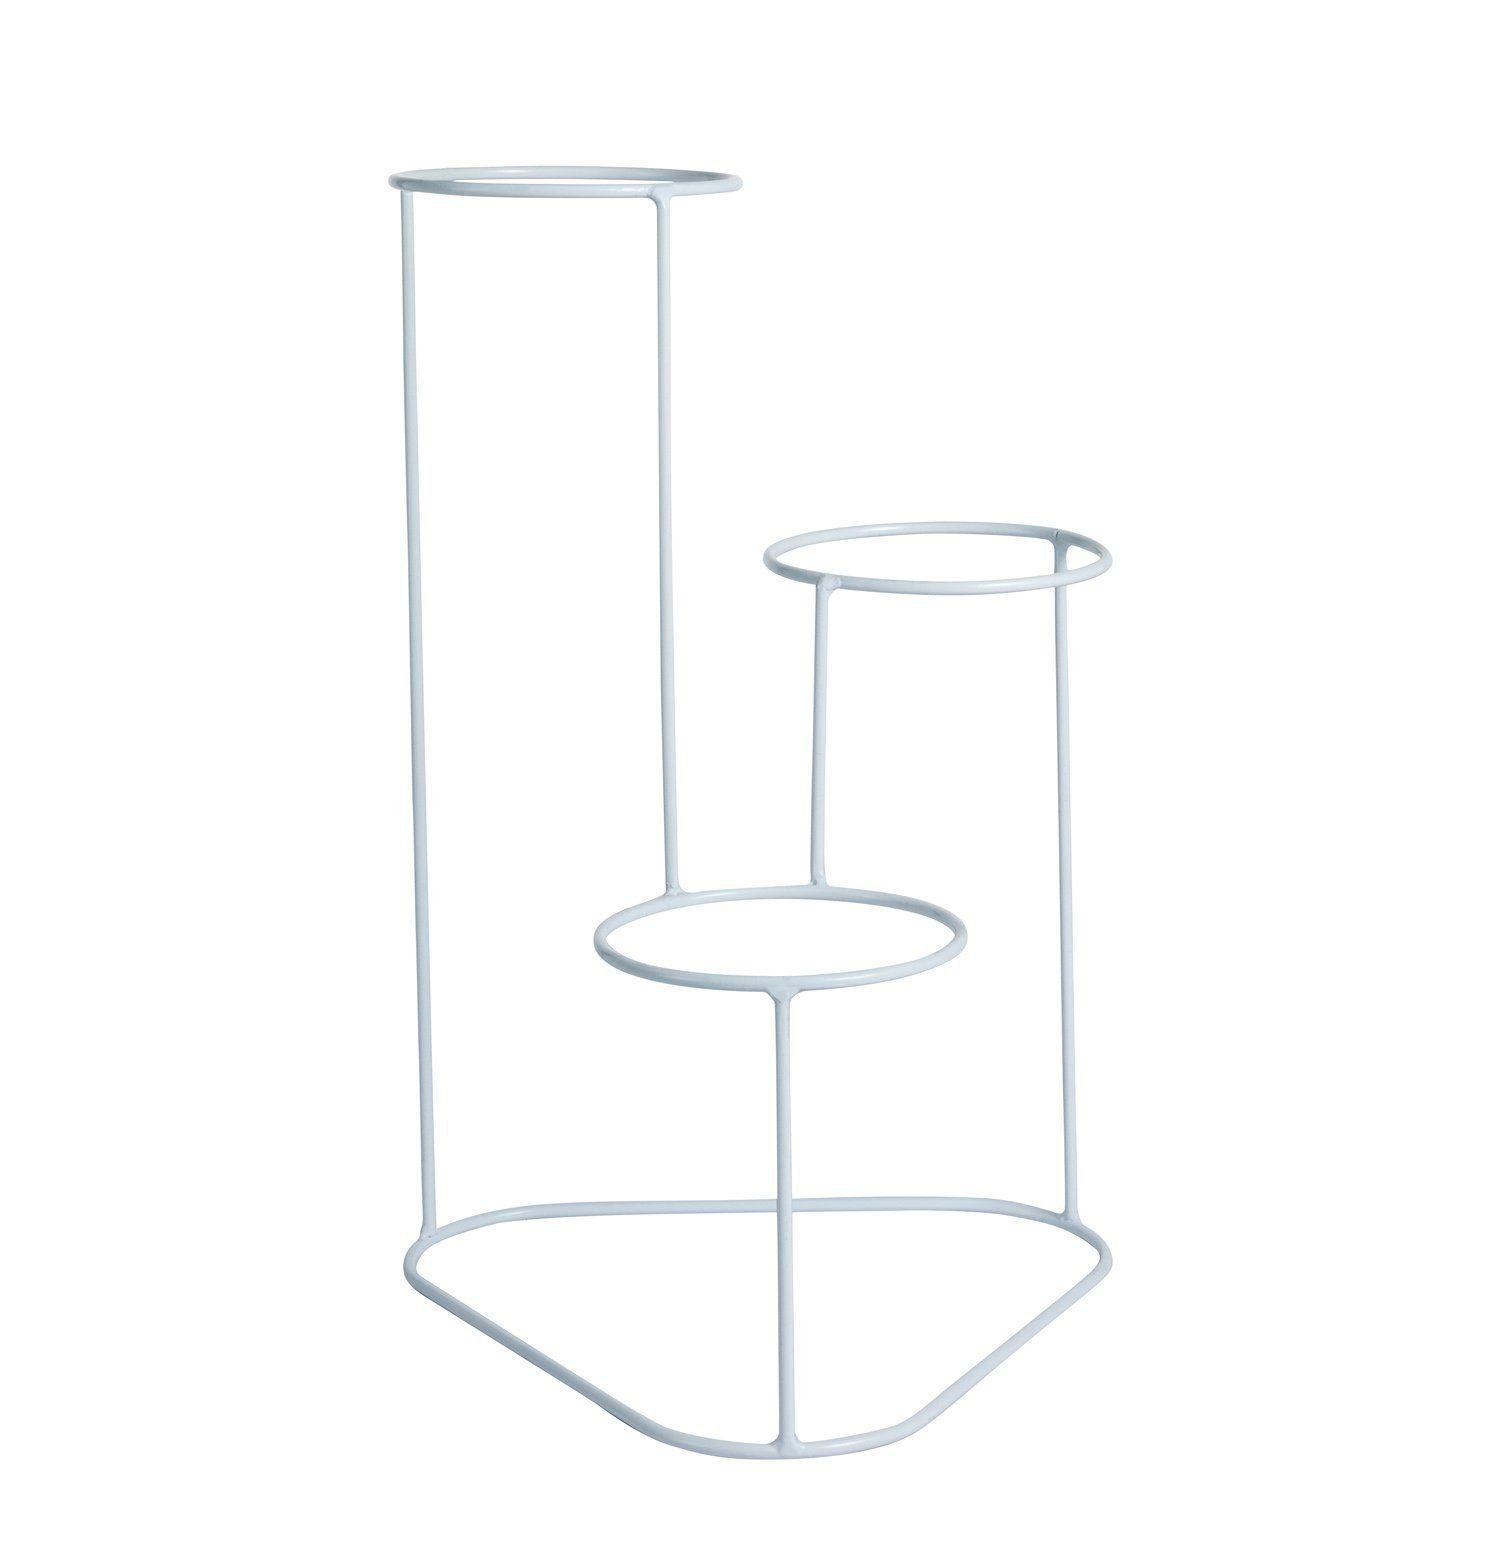 Suporte Aramado Cascata Branco 40cm para 03 Vasos Raiz Pequenos N02